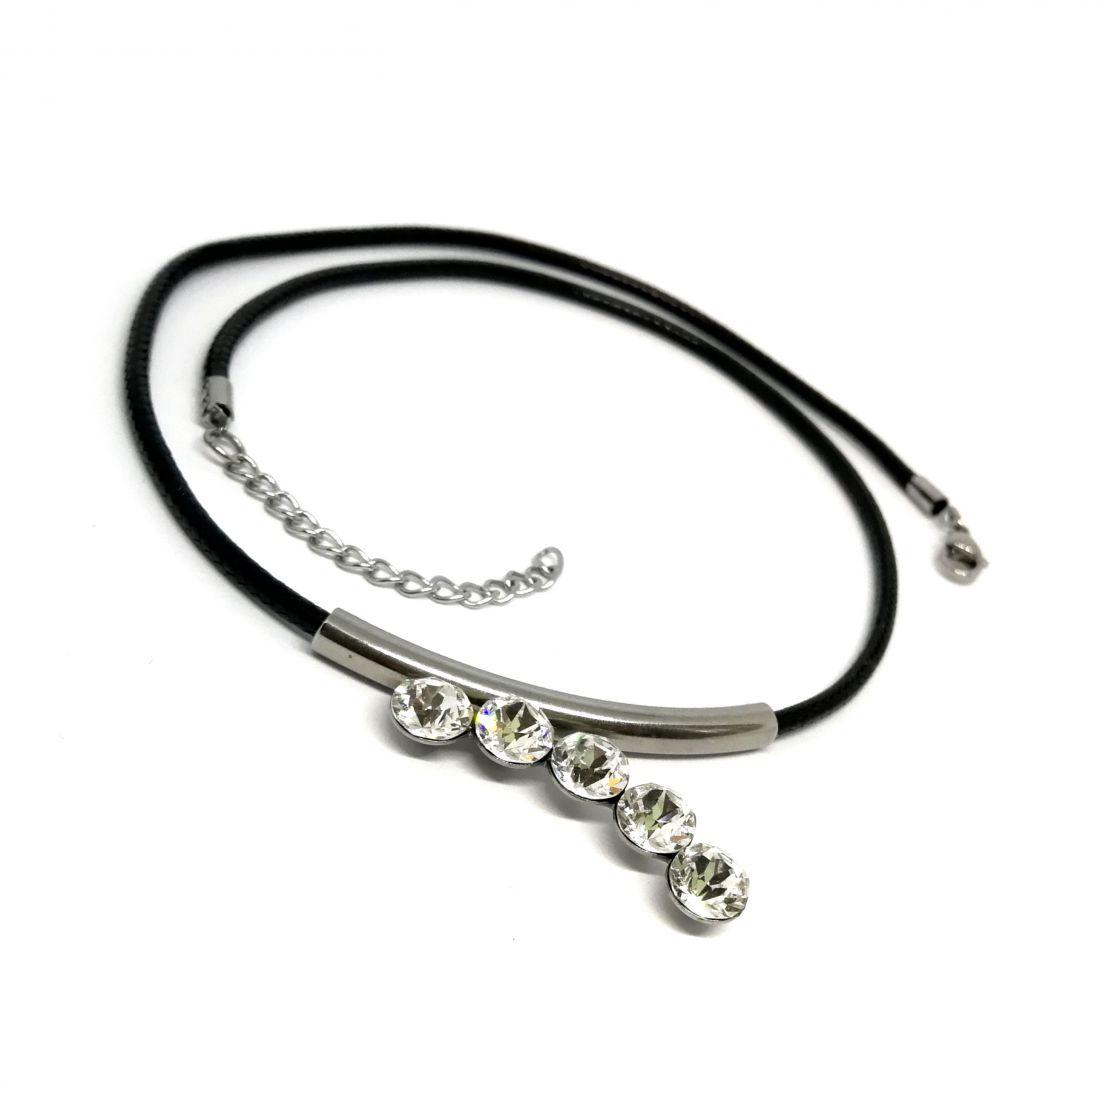 Fém csövecskés nyaklánc Swarovski® kristályokkal díszítve